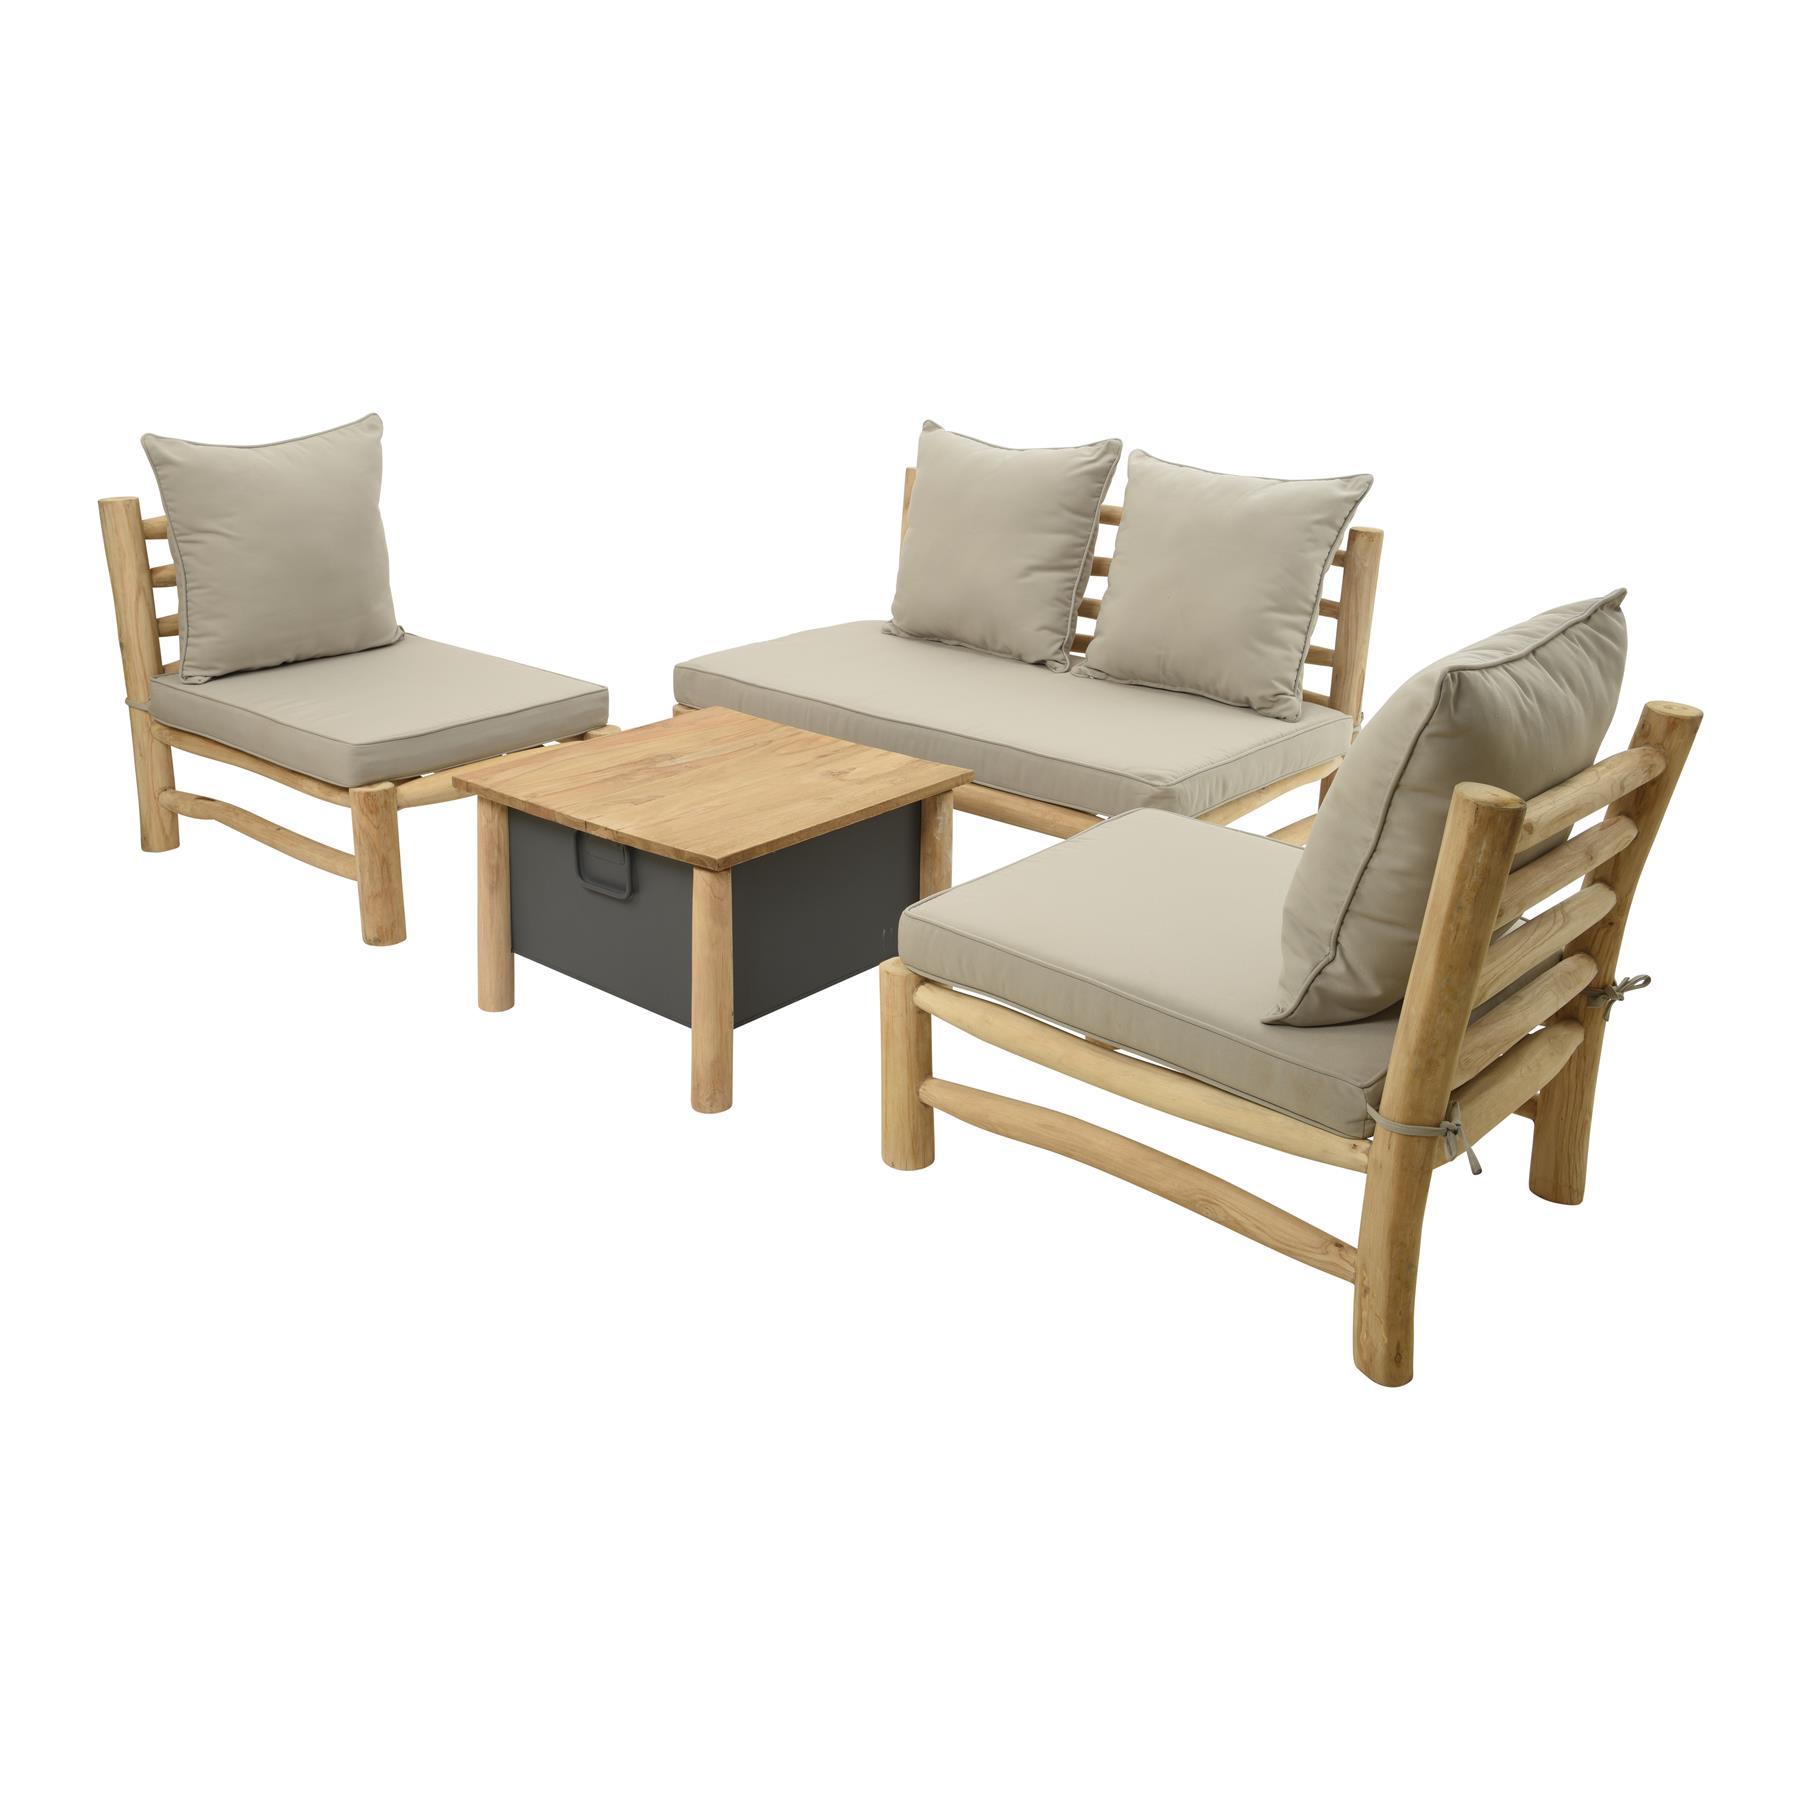 Outdoor Living by Decoris Havana Loungeset kopen? shop bij ... on Decoris Outdoor Living id=96875